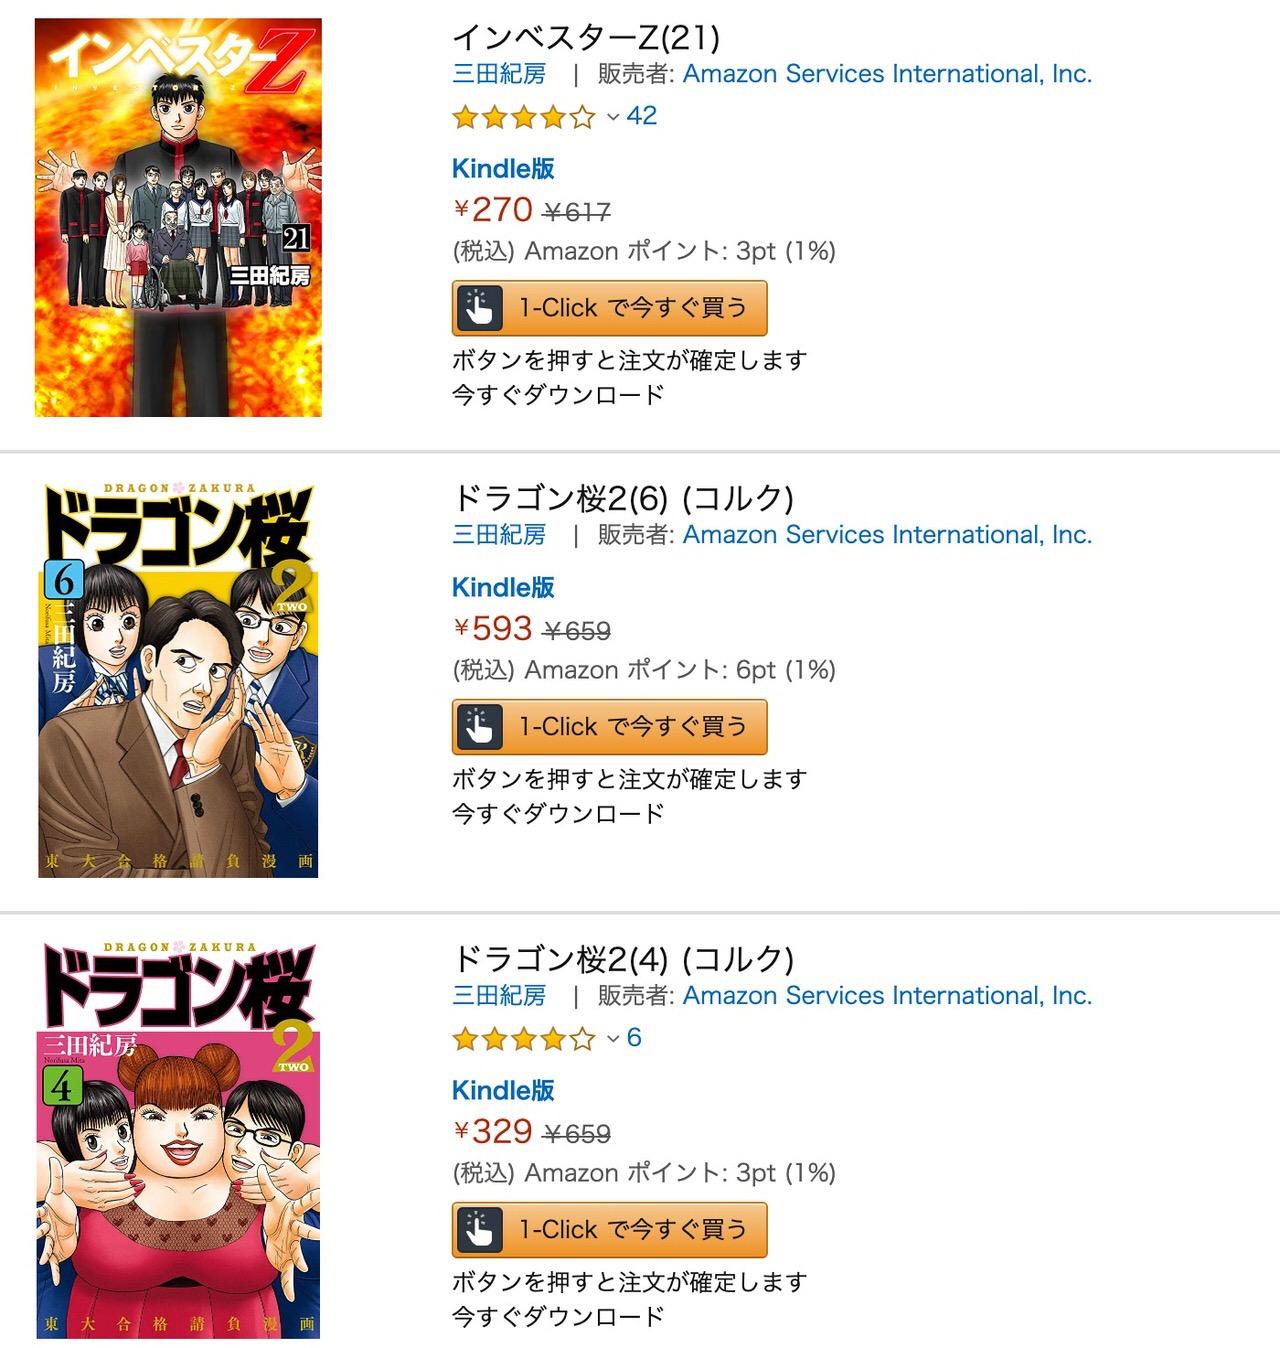 【Kindleセール】「ドラゴン桜2」「インベスターZ」無料&半額セール